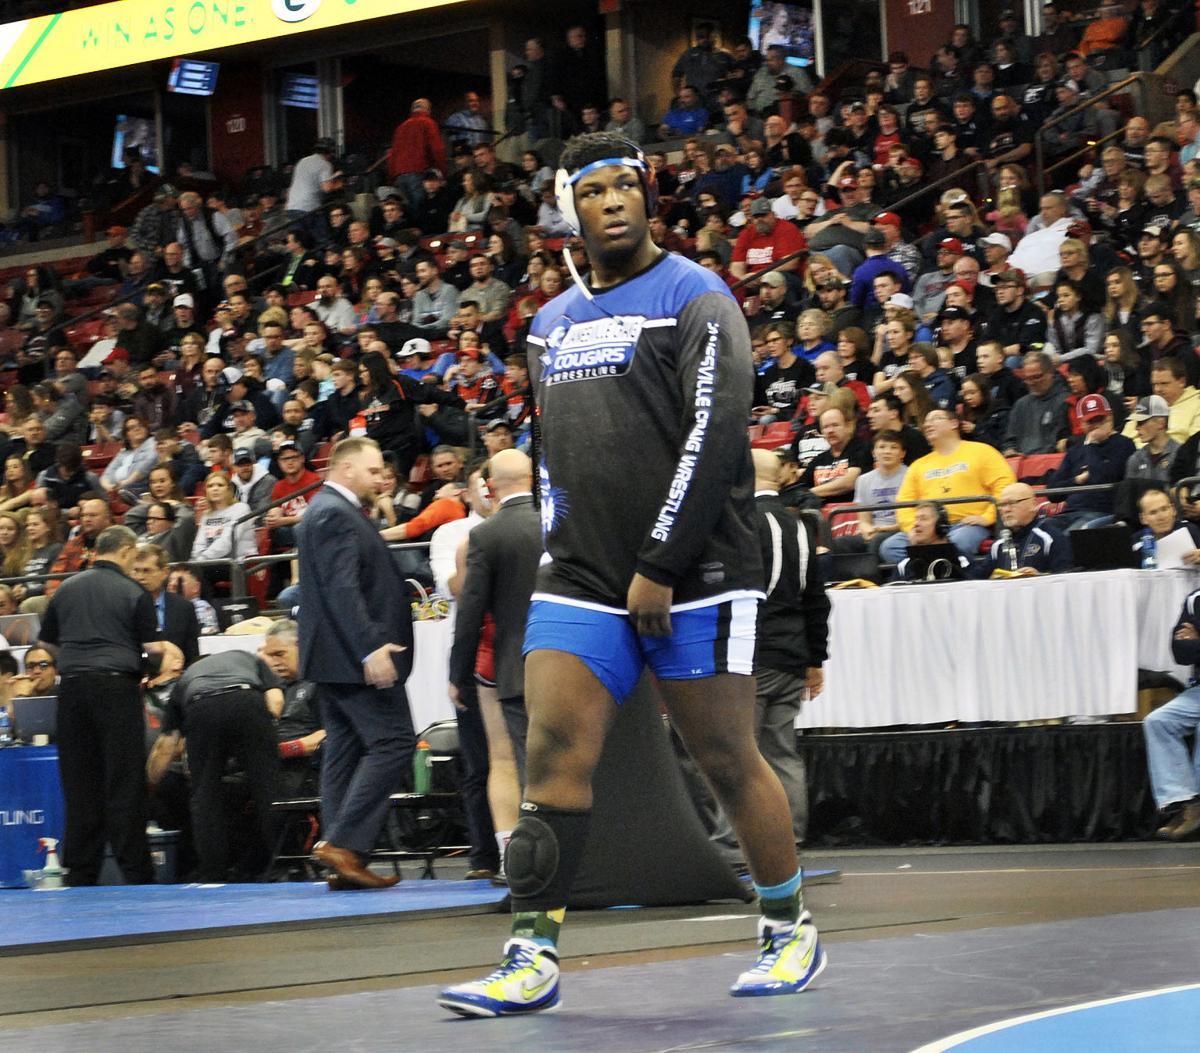 Janesville Craig wrestler Keeanu Benton